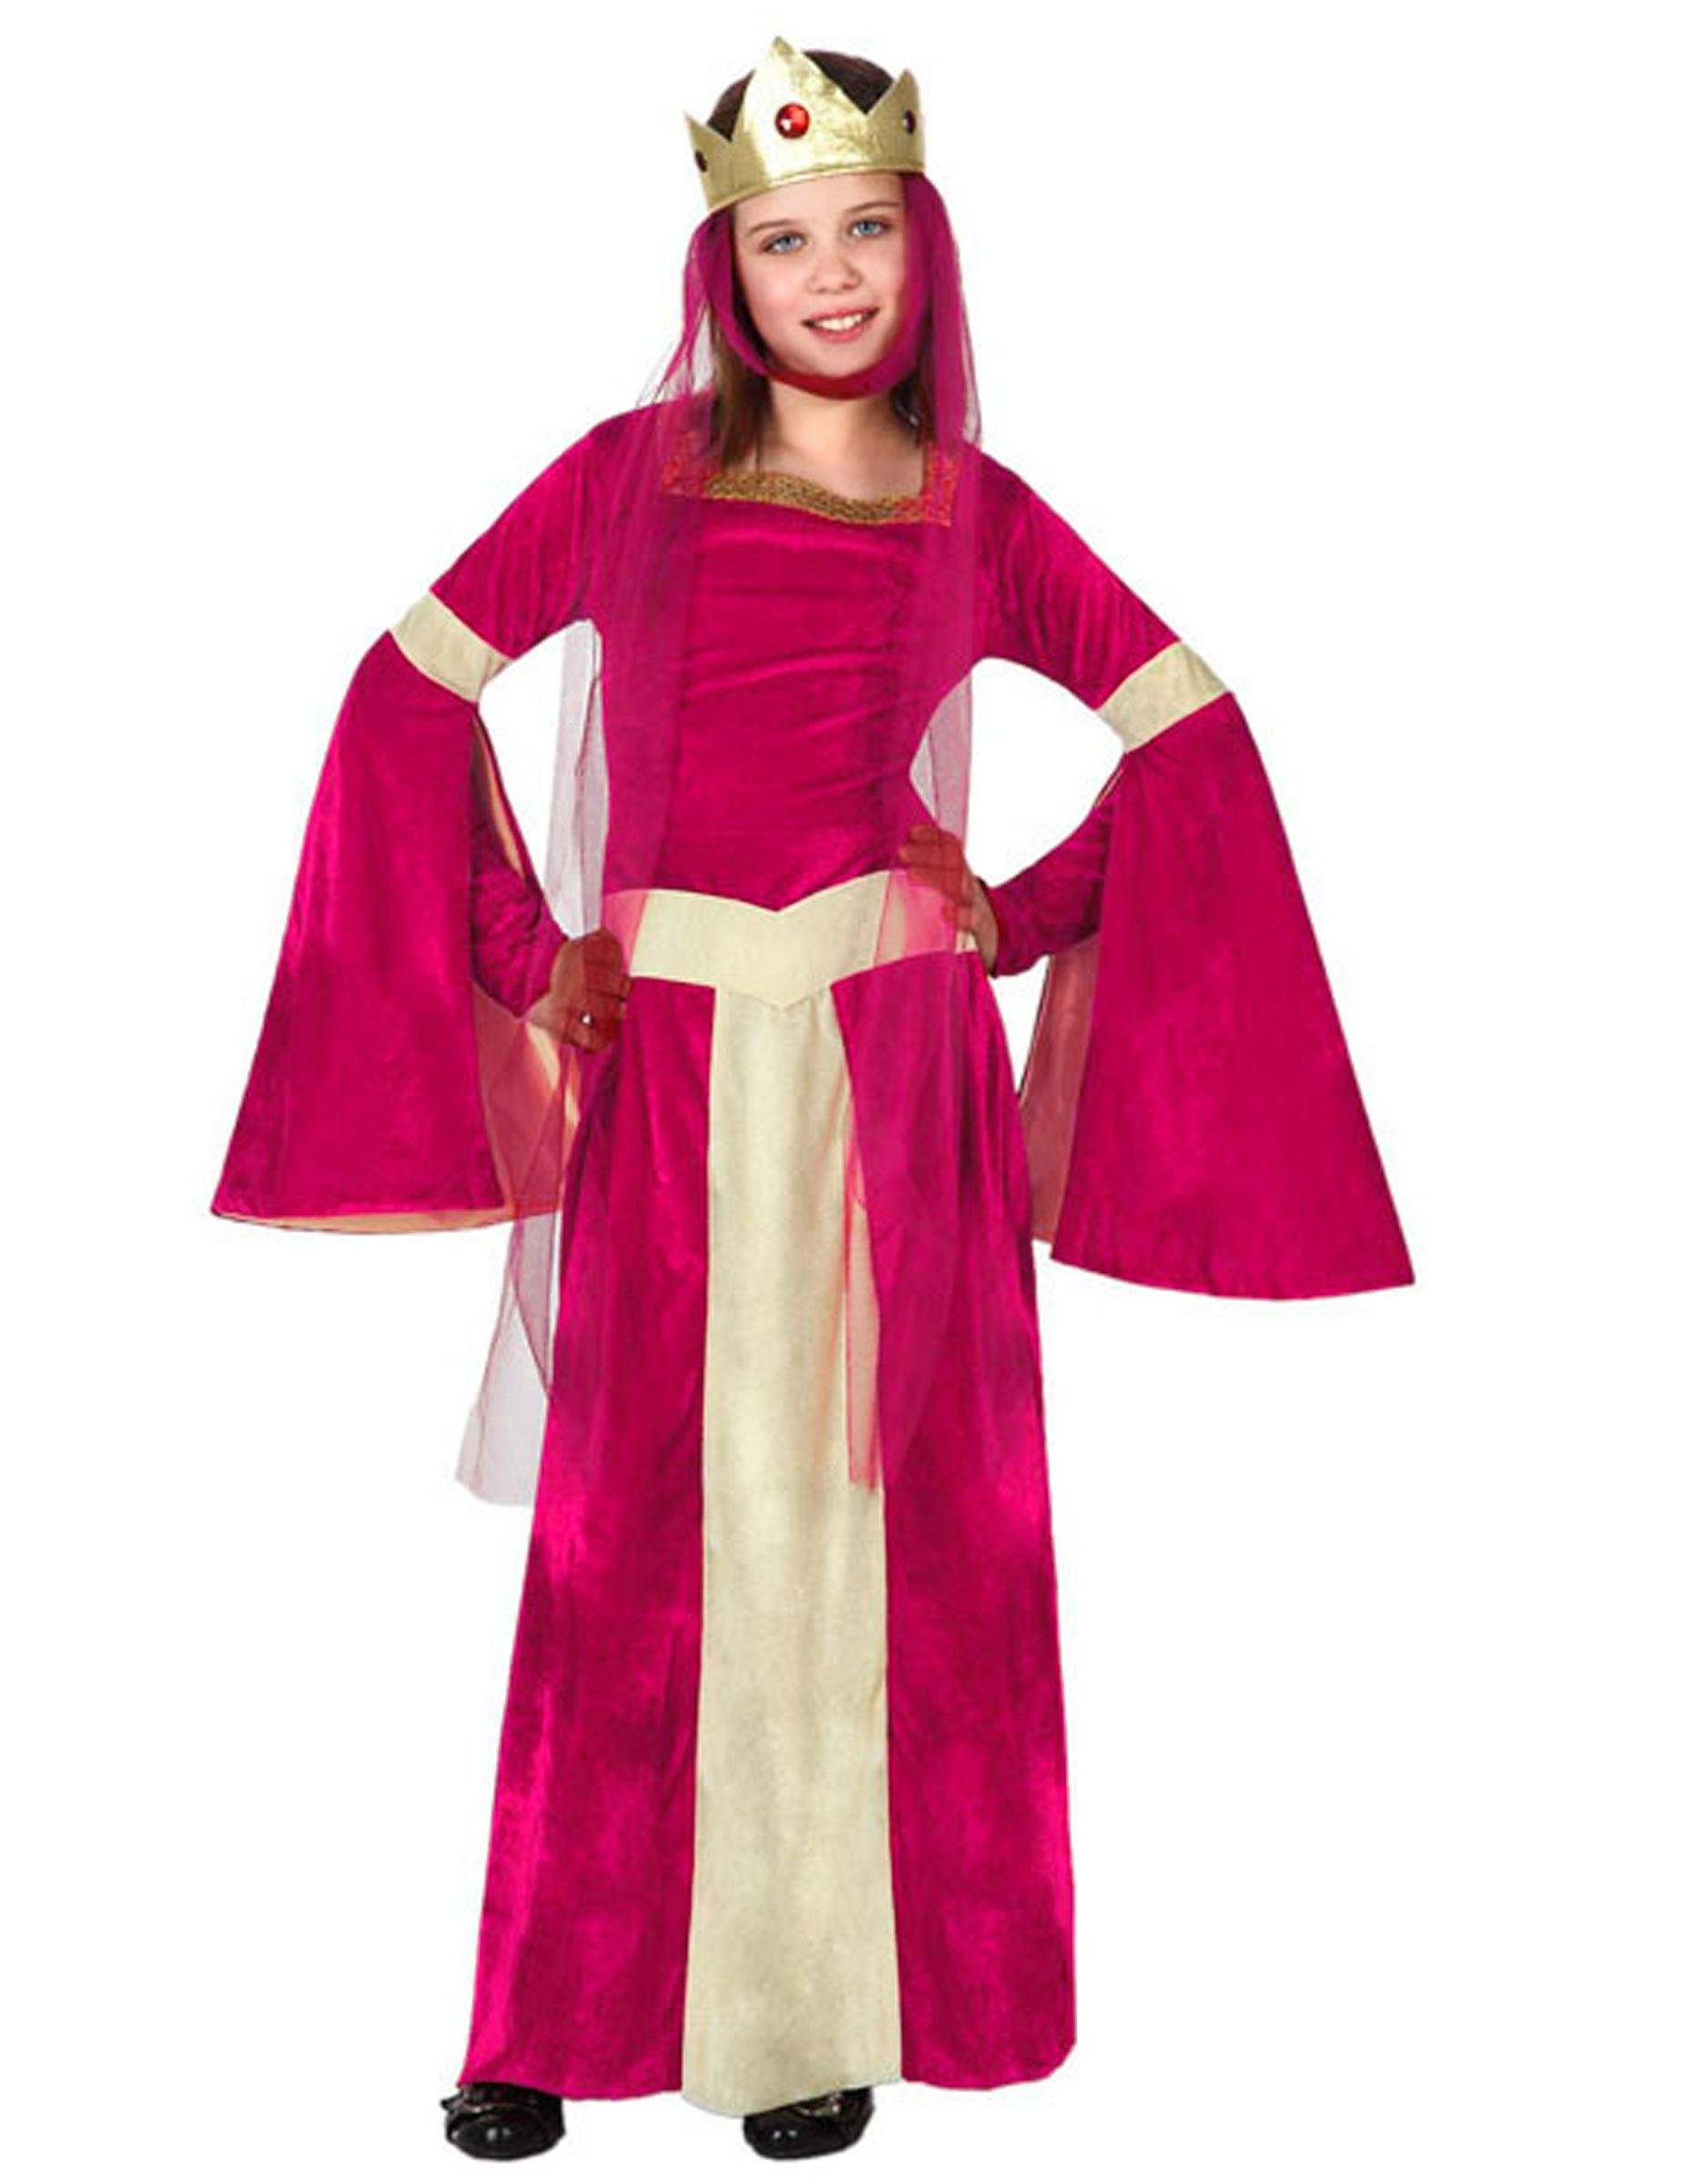 e900dc80314 Déguisement reine médiévale rouge rose et or fille   Deguise-toi ...